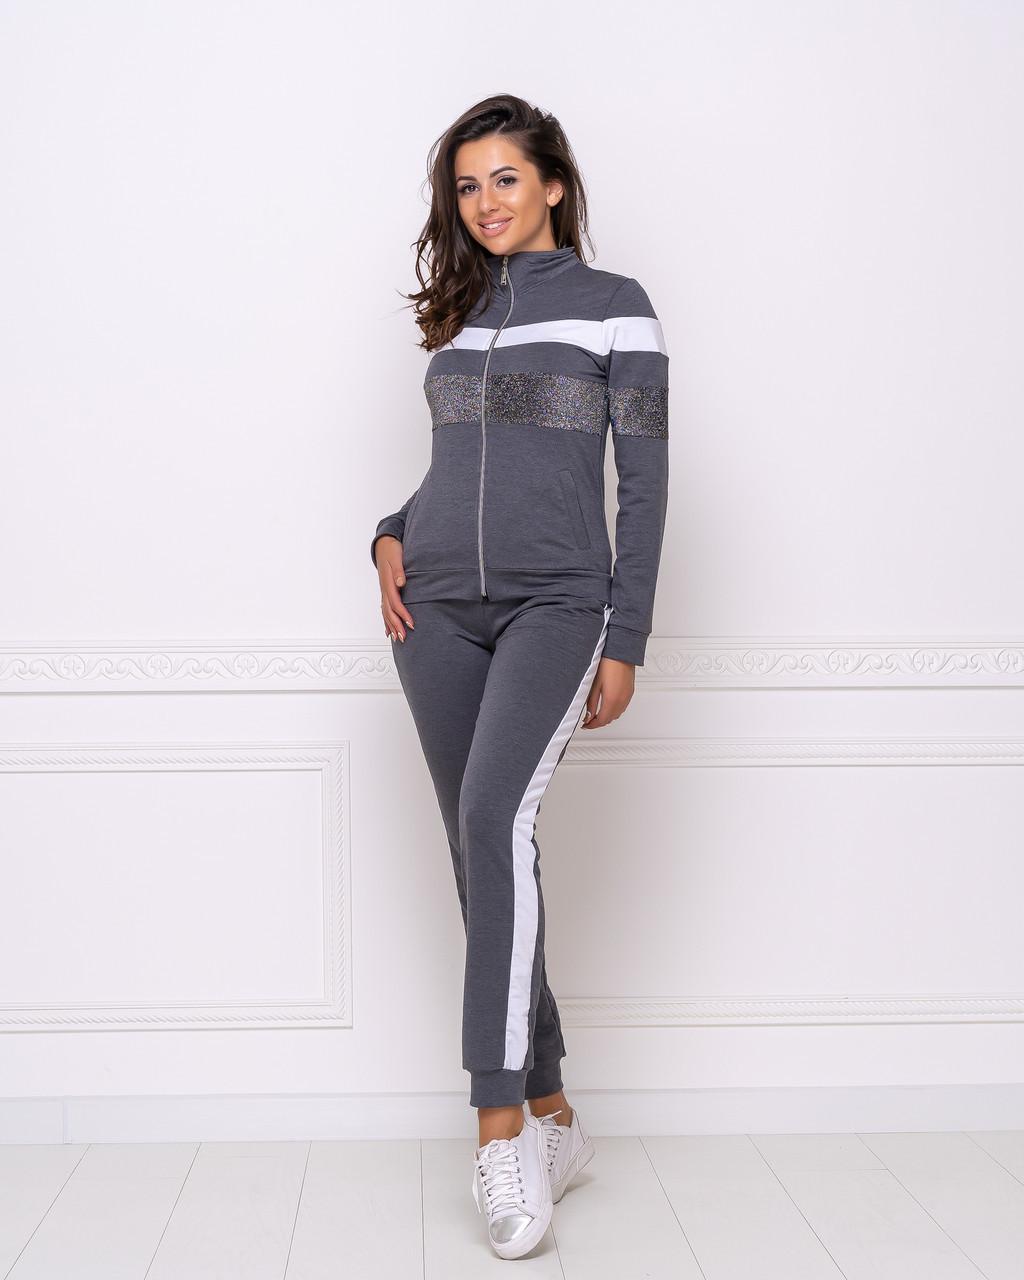 Женский спортивный повседневный костюм штаны с лампасами и кофта темно-серый